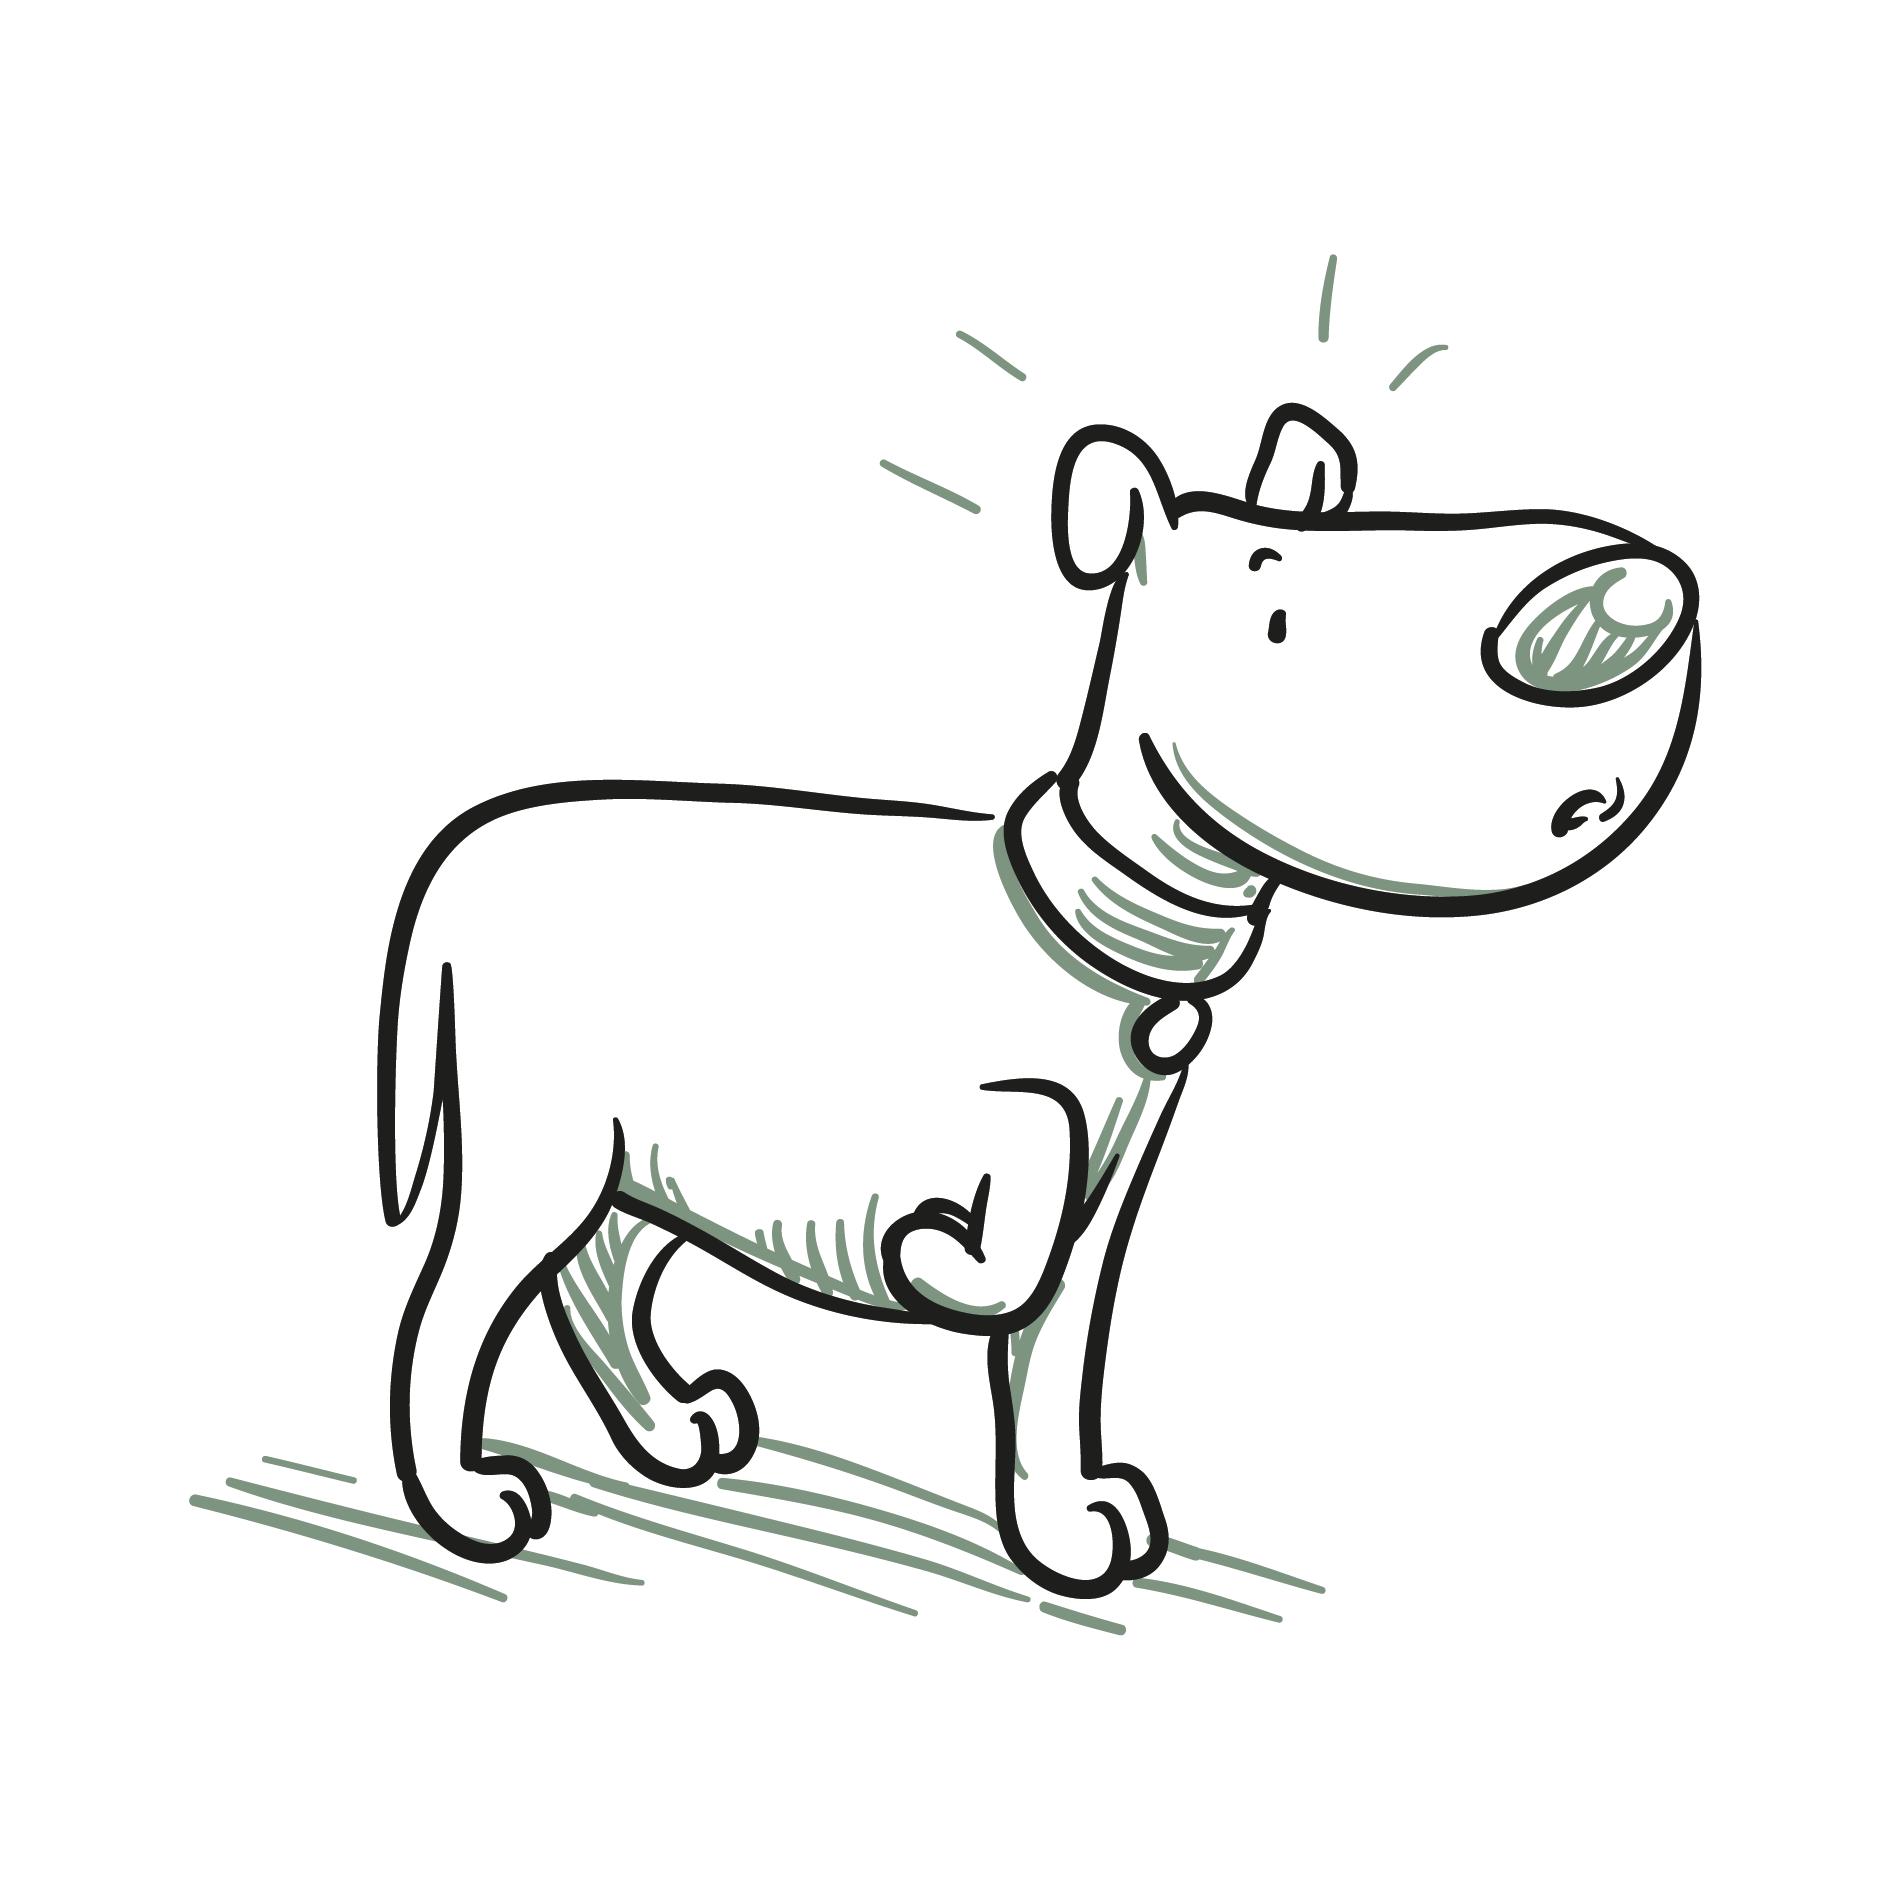 Hundeclique_ängstlich-oder-unsicher